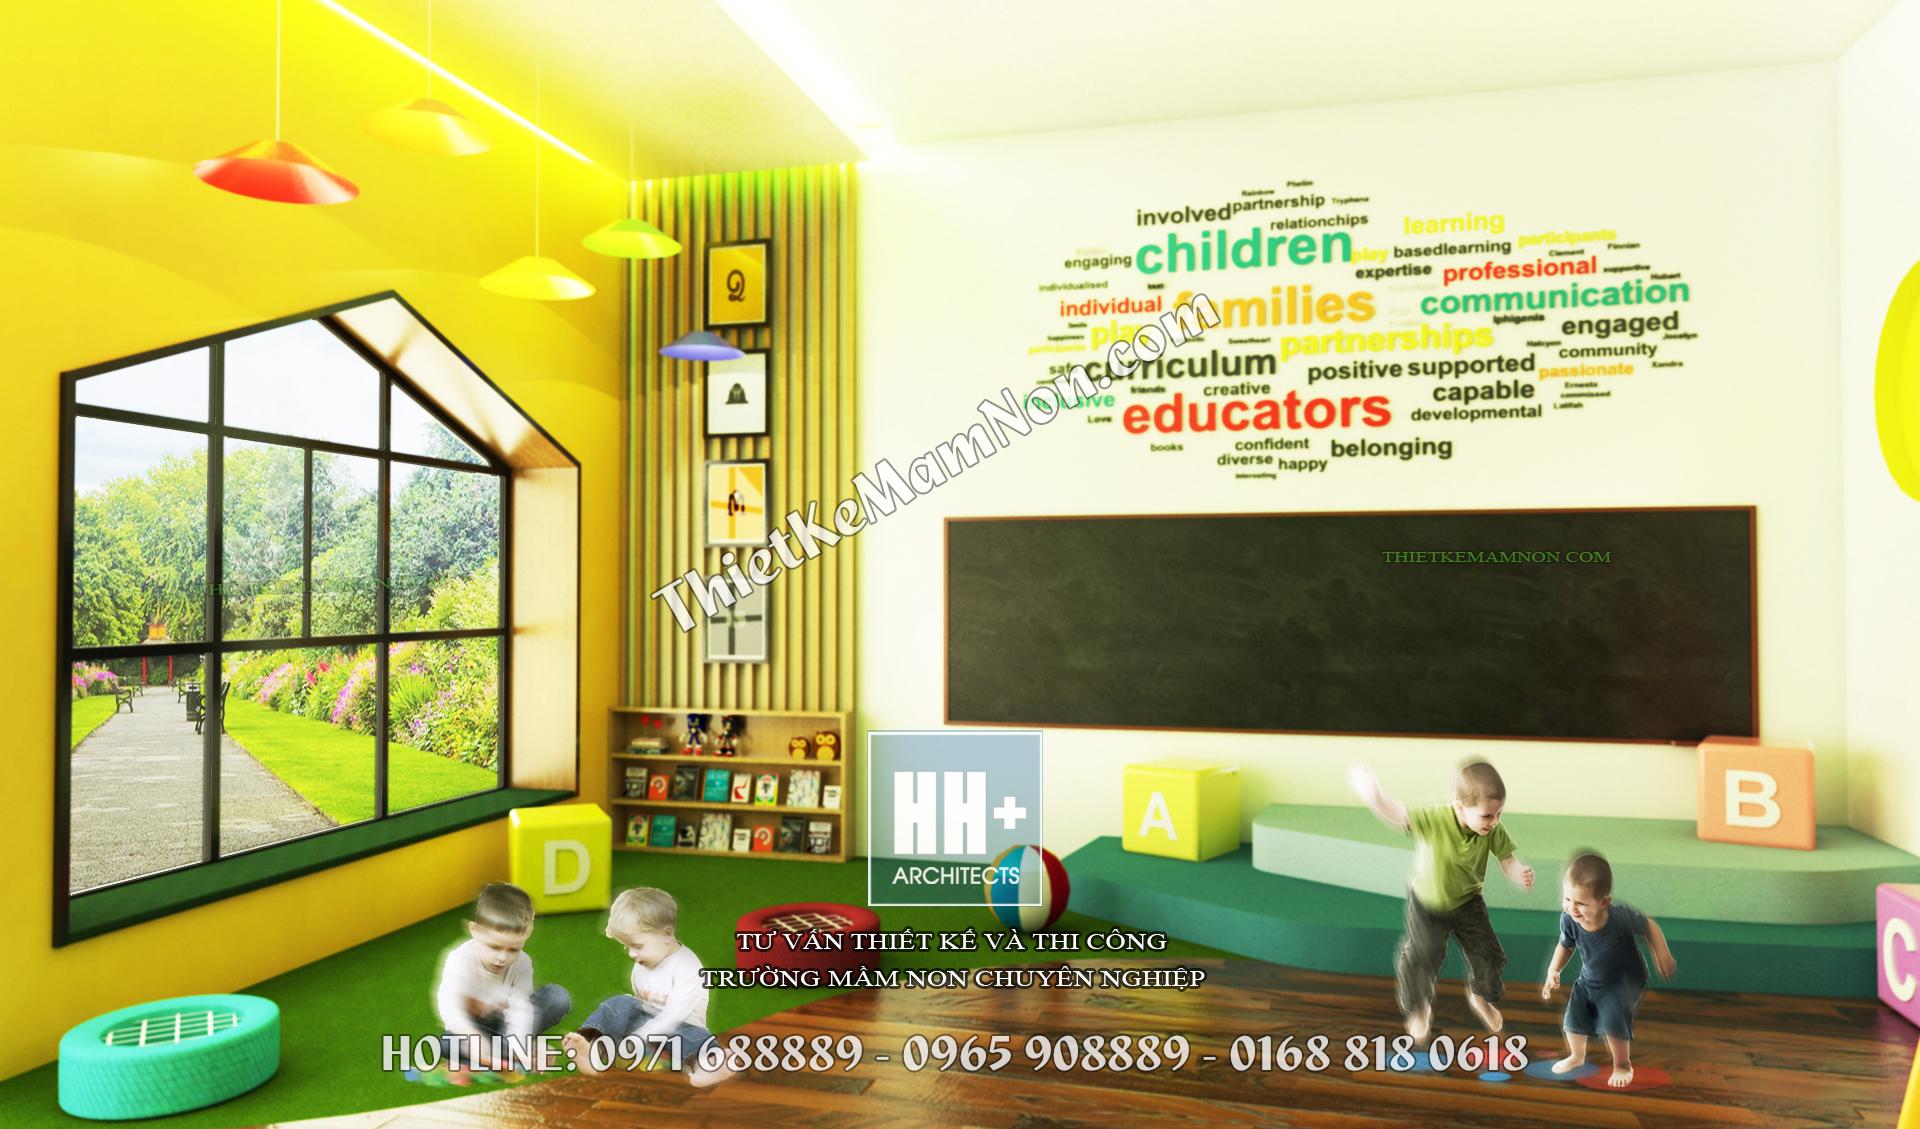 Thiết kế trường mầm non đẹp thiết kế trường mầm non đẹp Thiết kế trường mầm non đẹp Sao Mai 8 3